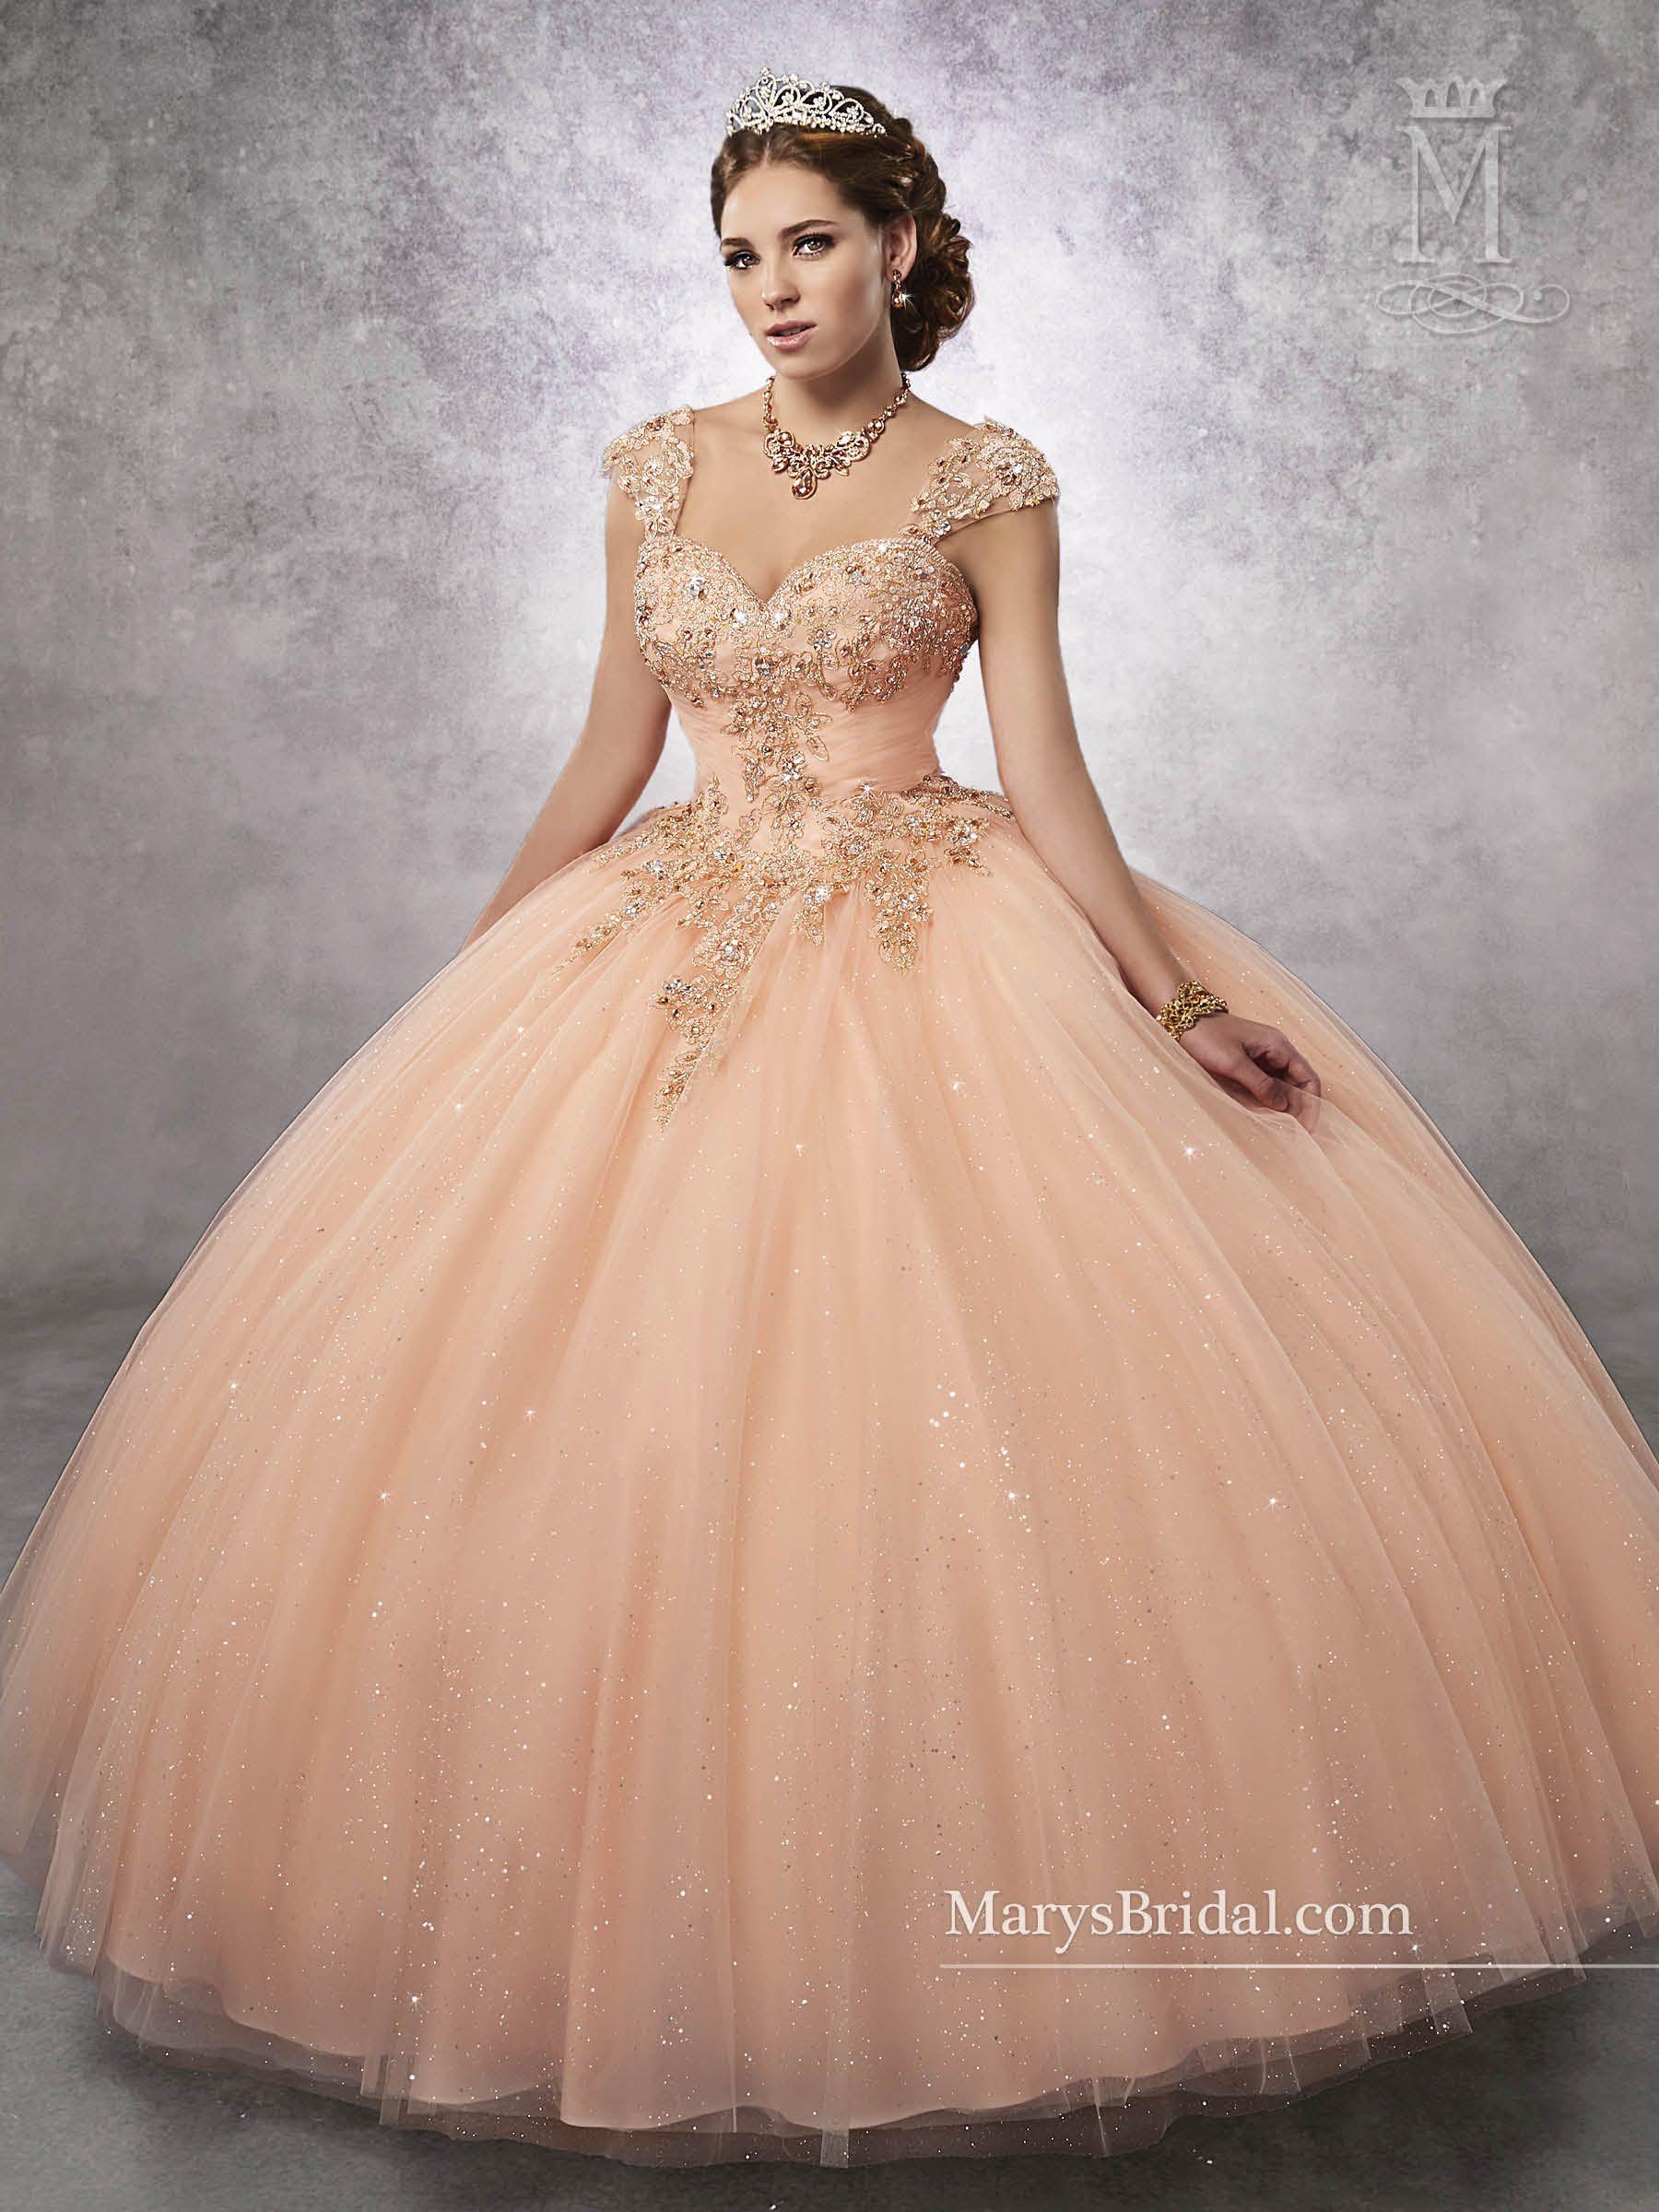 f40ab86c0 Vestidos de gala para quinceañera 2017 Marys Bridal. Mary s style ID 4Q491